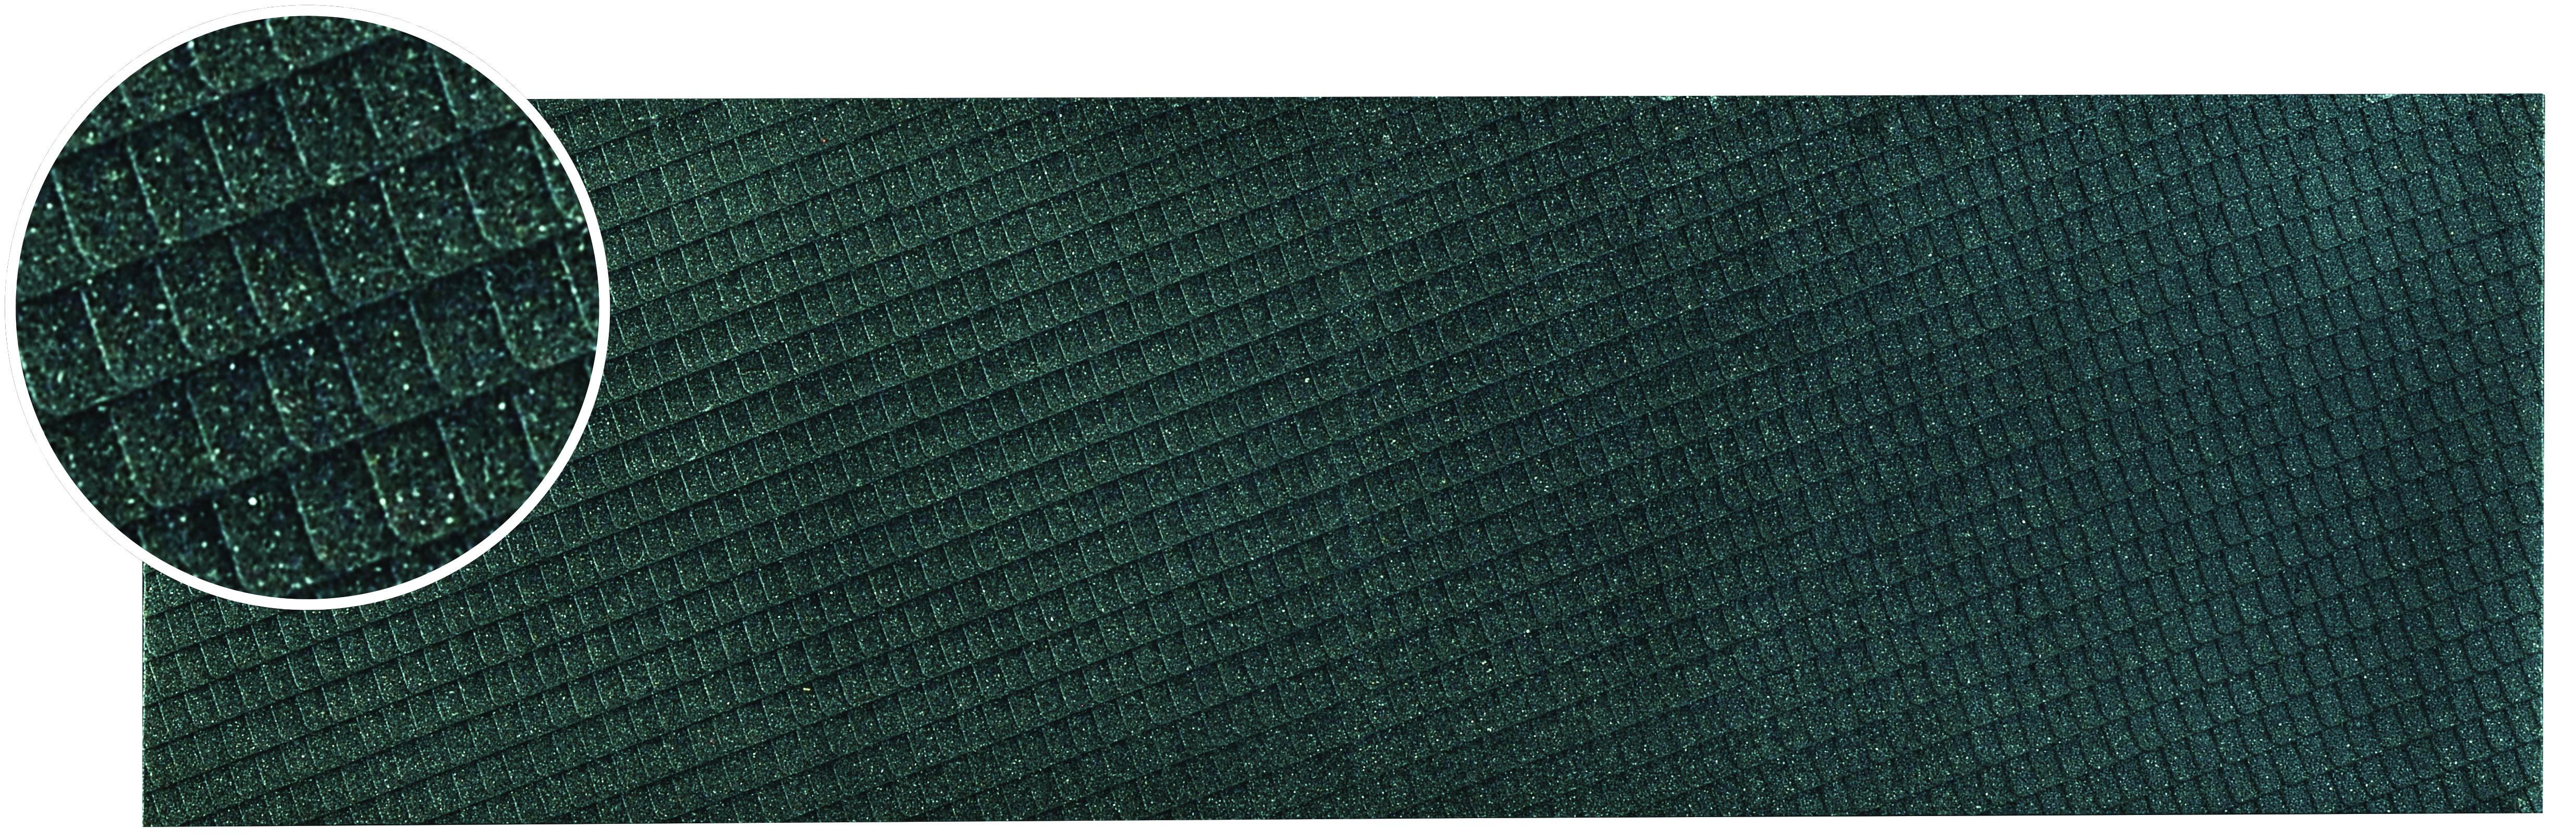 Vollmer 48231 <br/>Dachplatte Schiefer aus Steinkunst,L 28 x B 16,3 cm